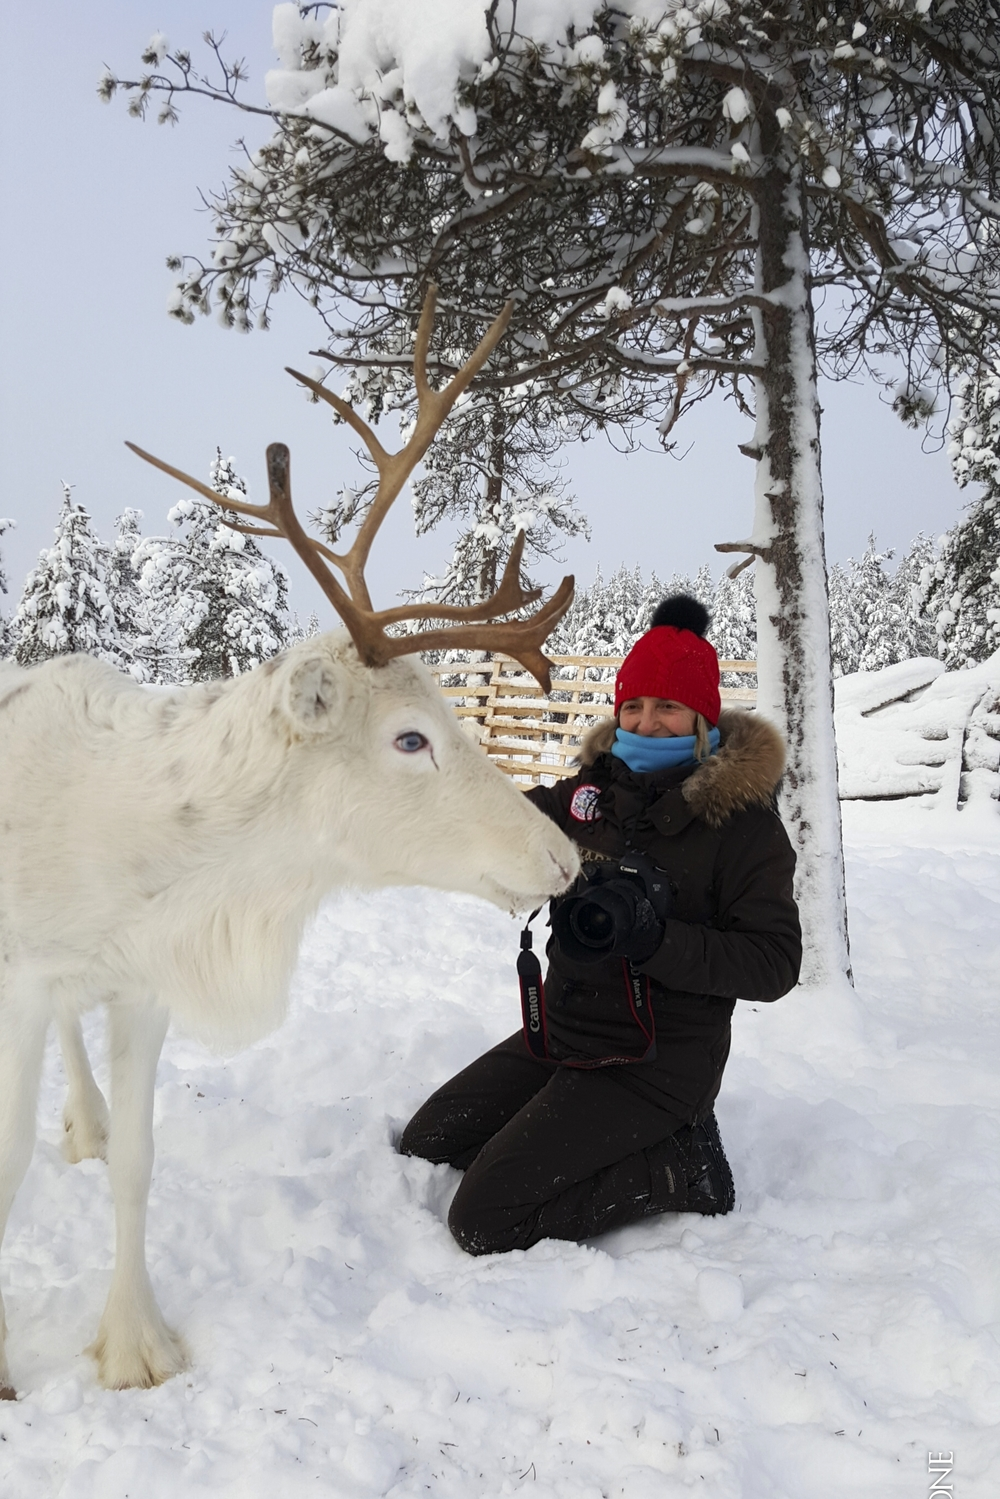 Phil-Finlande 94.jpg